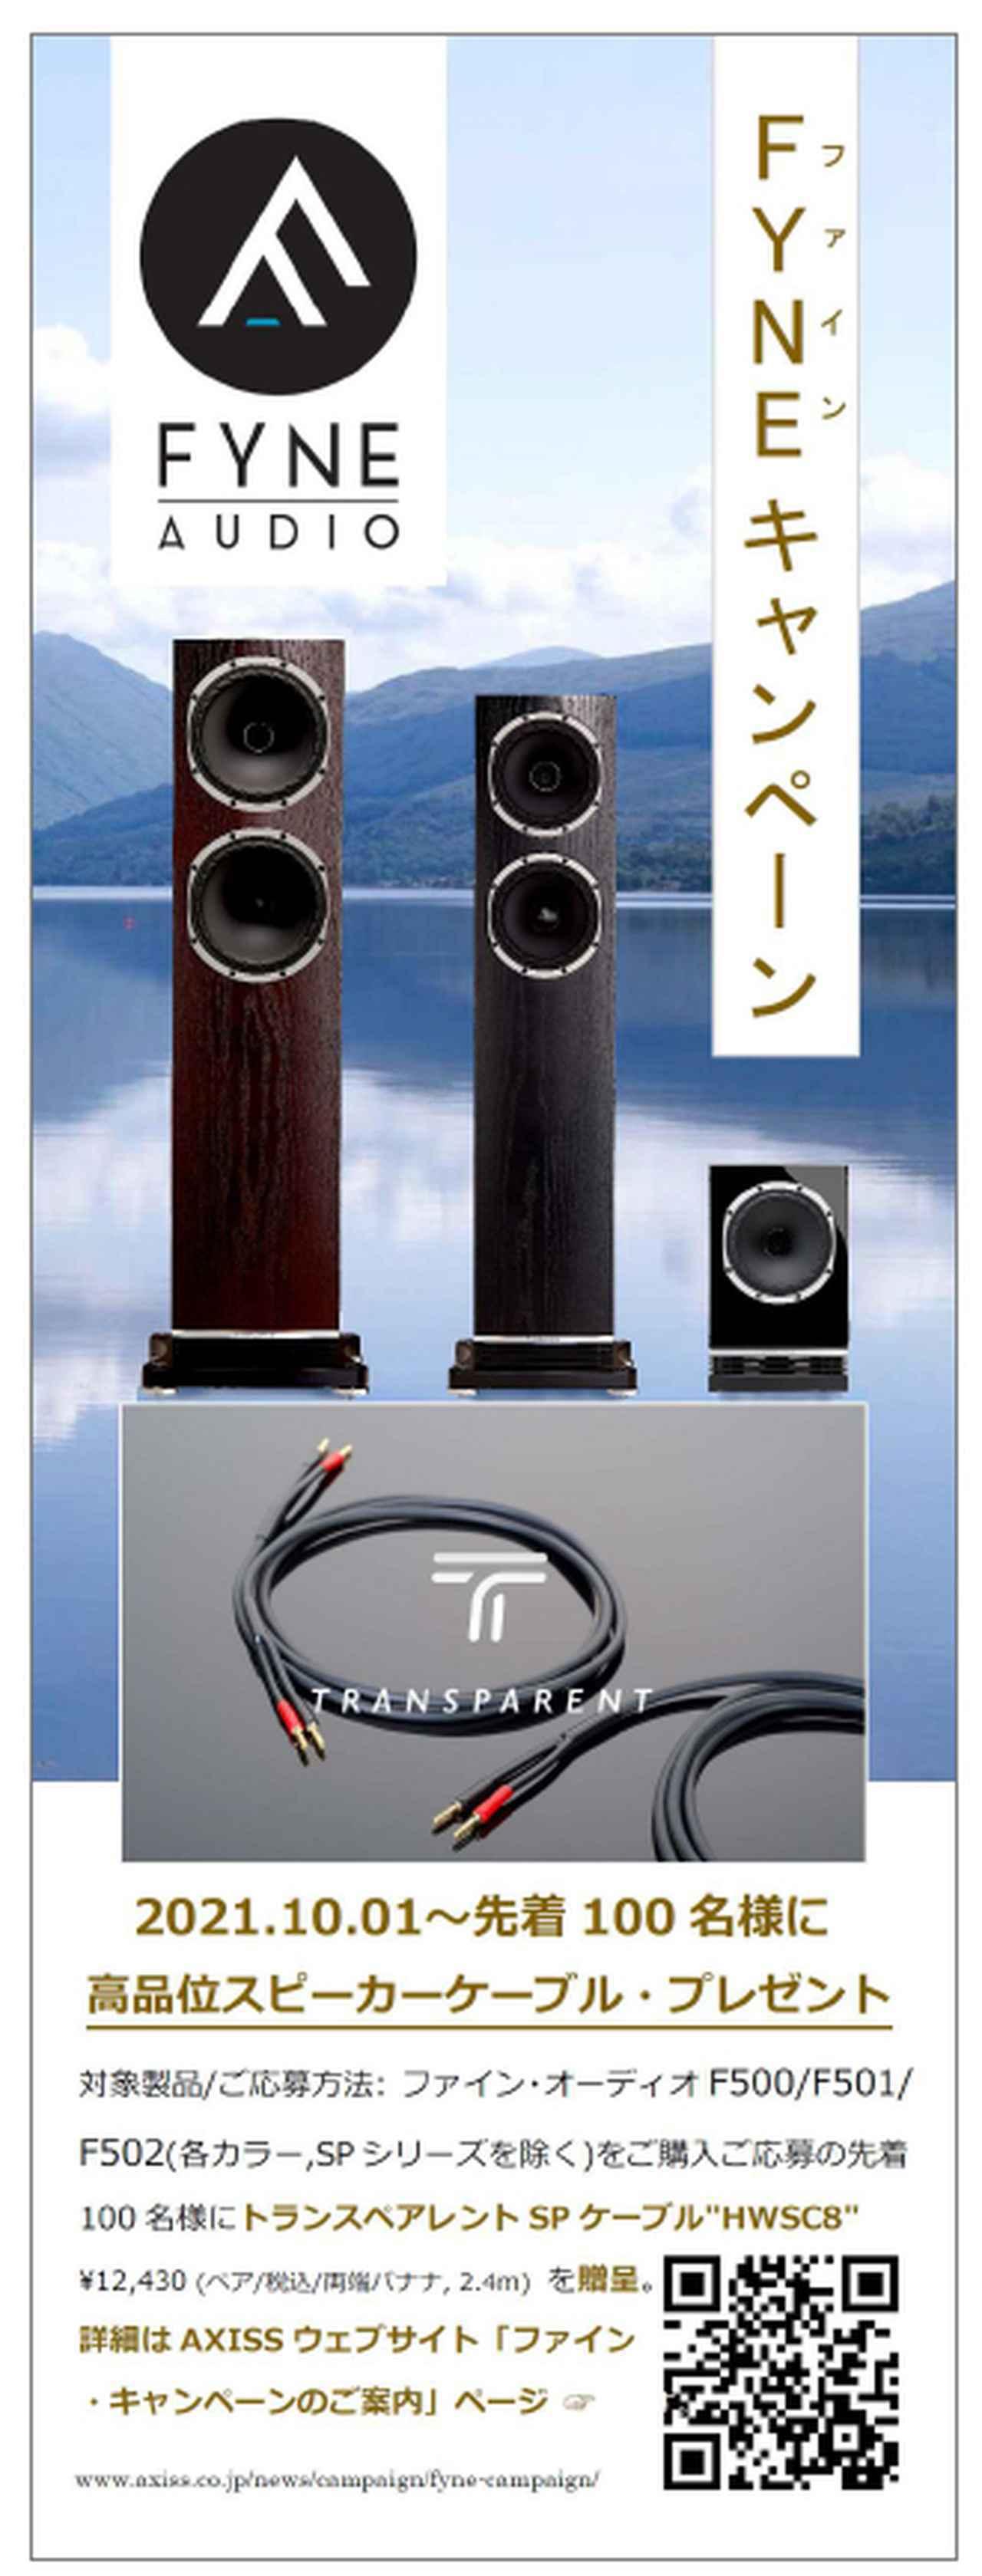 画像1: FYNE AUDIOの「F500シリーズ・スピーカー」を購入して、トランスペアレントの「SPケーブル」をもらおう。先着100名限定で「FYNEキャンペーン」、10月1日より開始